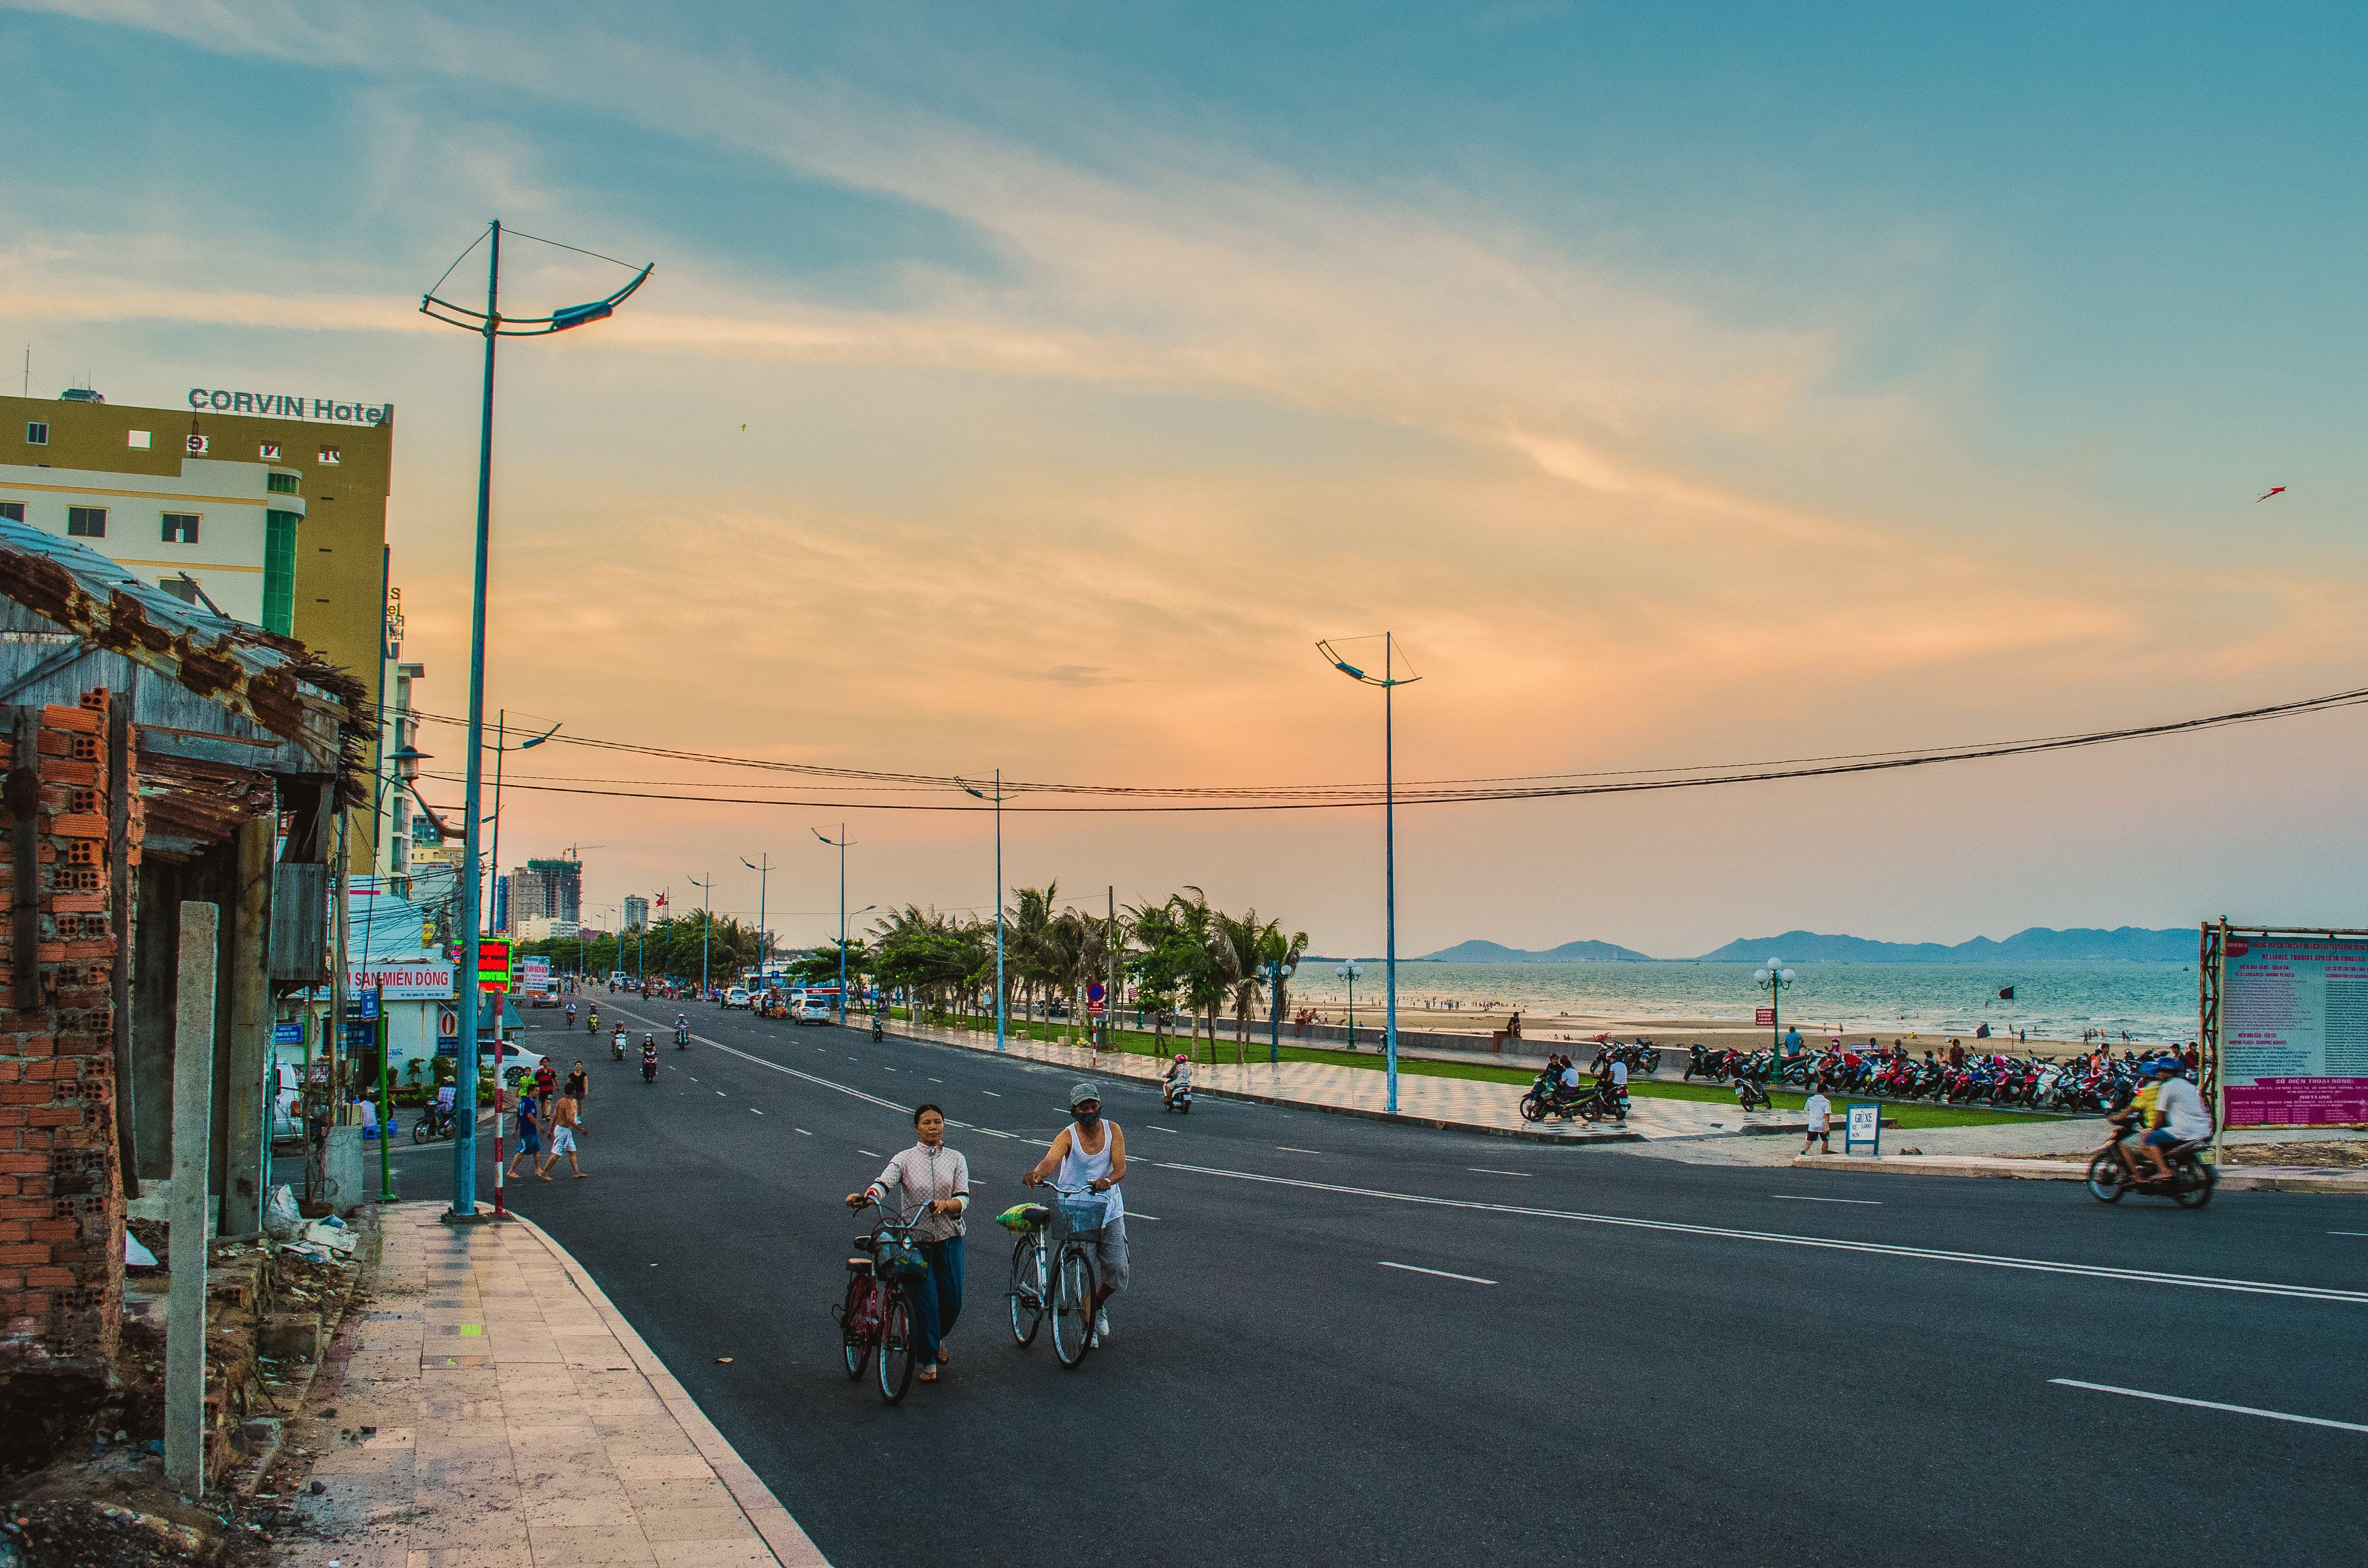 Fotos de stock gratuitas de bici, bicicleta, calle, caminando